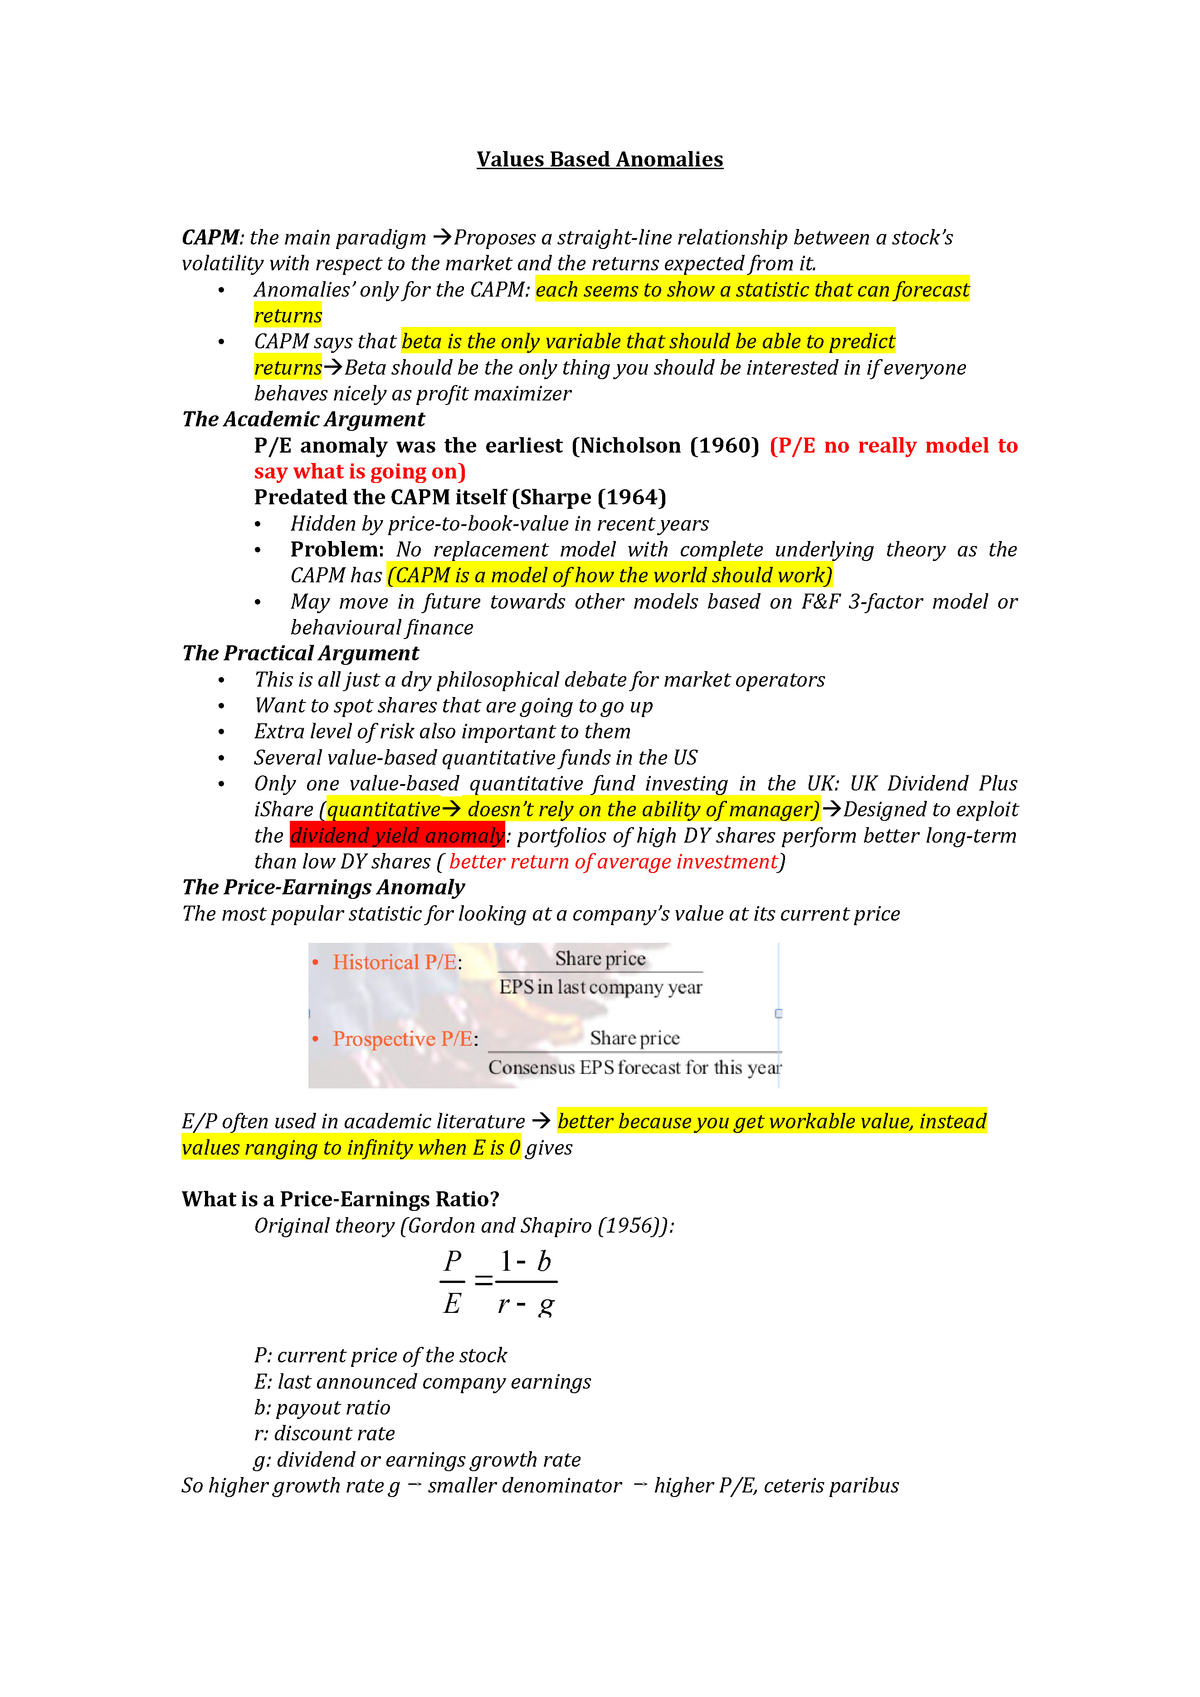 2 Values Based Anomalies - Capital Markets MAN00004H - York